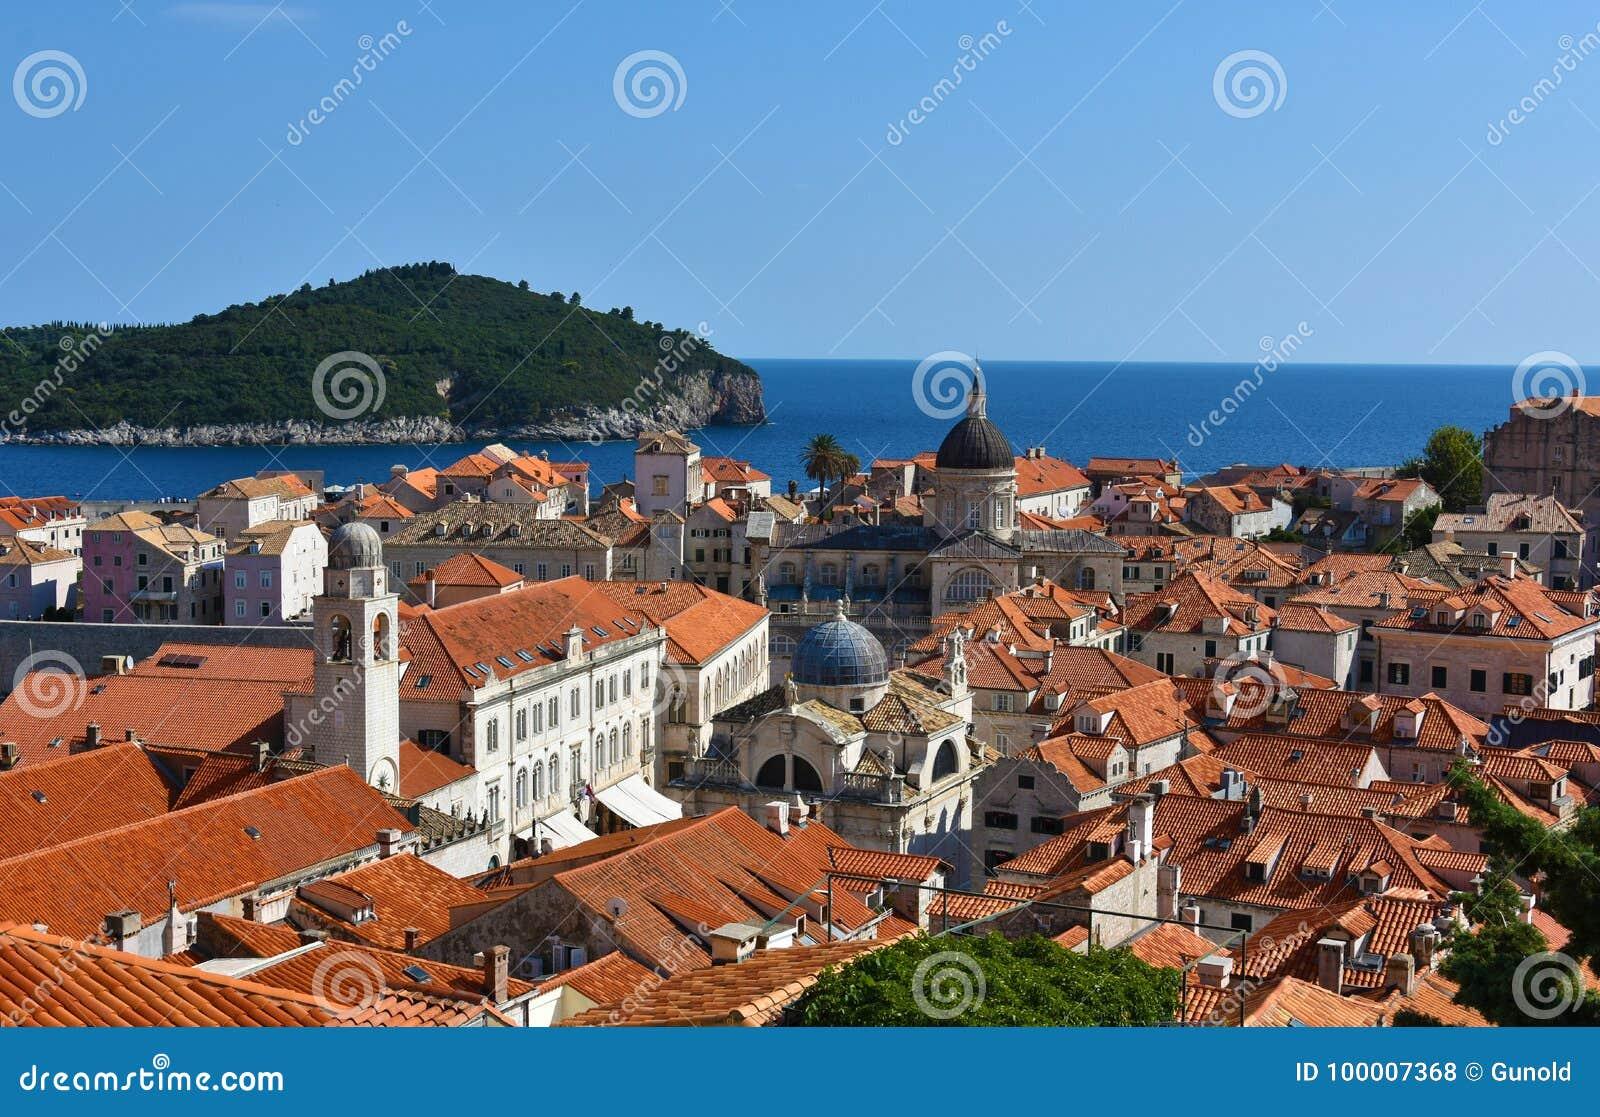 Panoramic view Dubrovnik and Lokrum